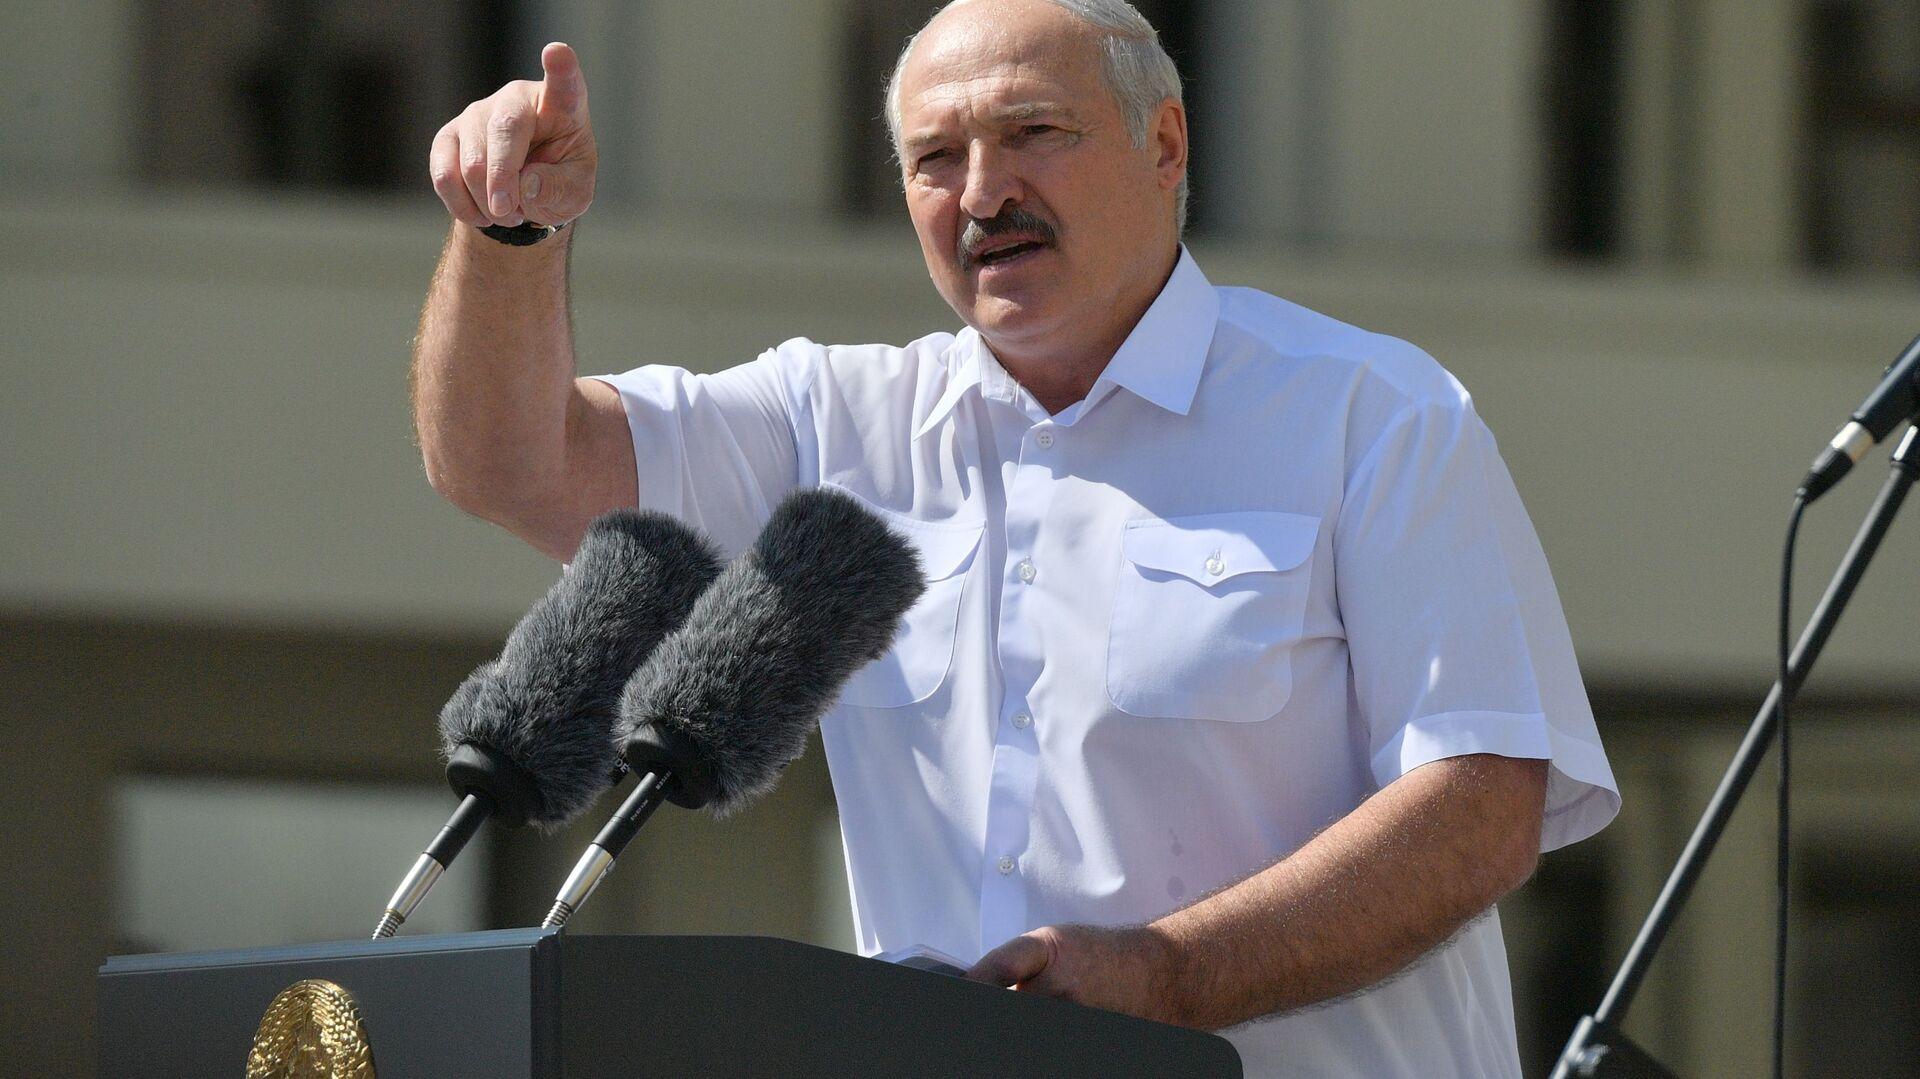 Президент Беларуси Александр Лукашенко выступает на митинге в его поддержку - Sputnik Ўзбекистон, 1920, 13.03.2021